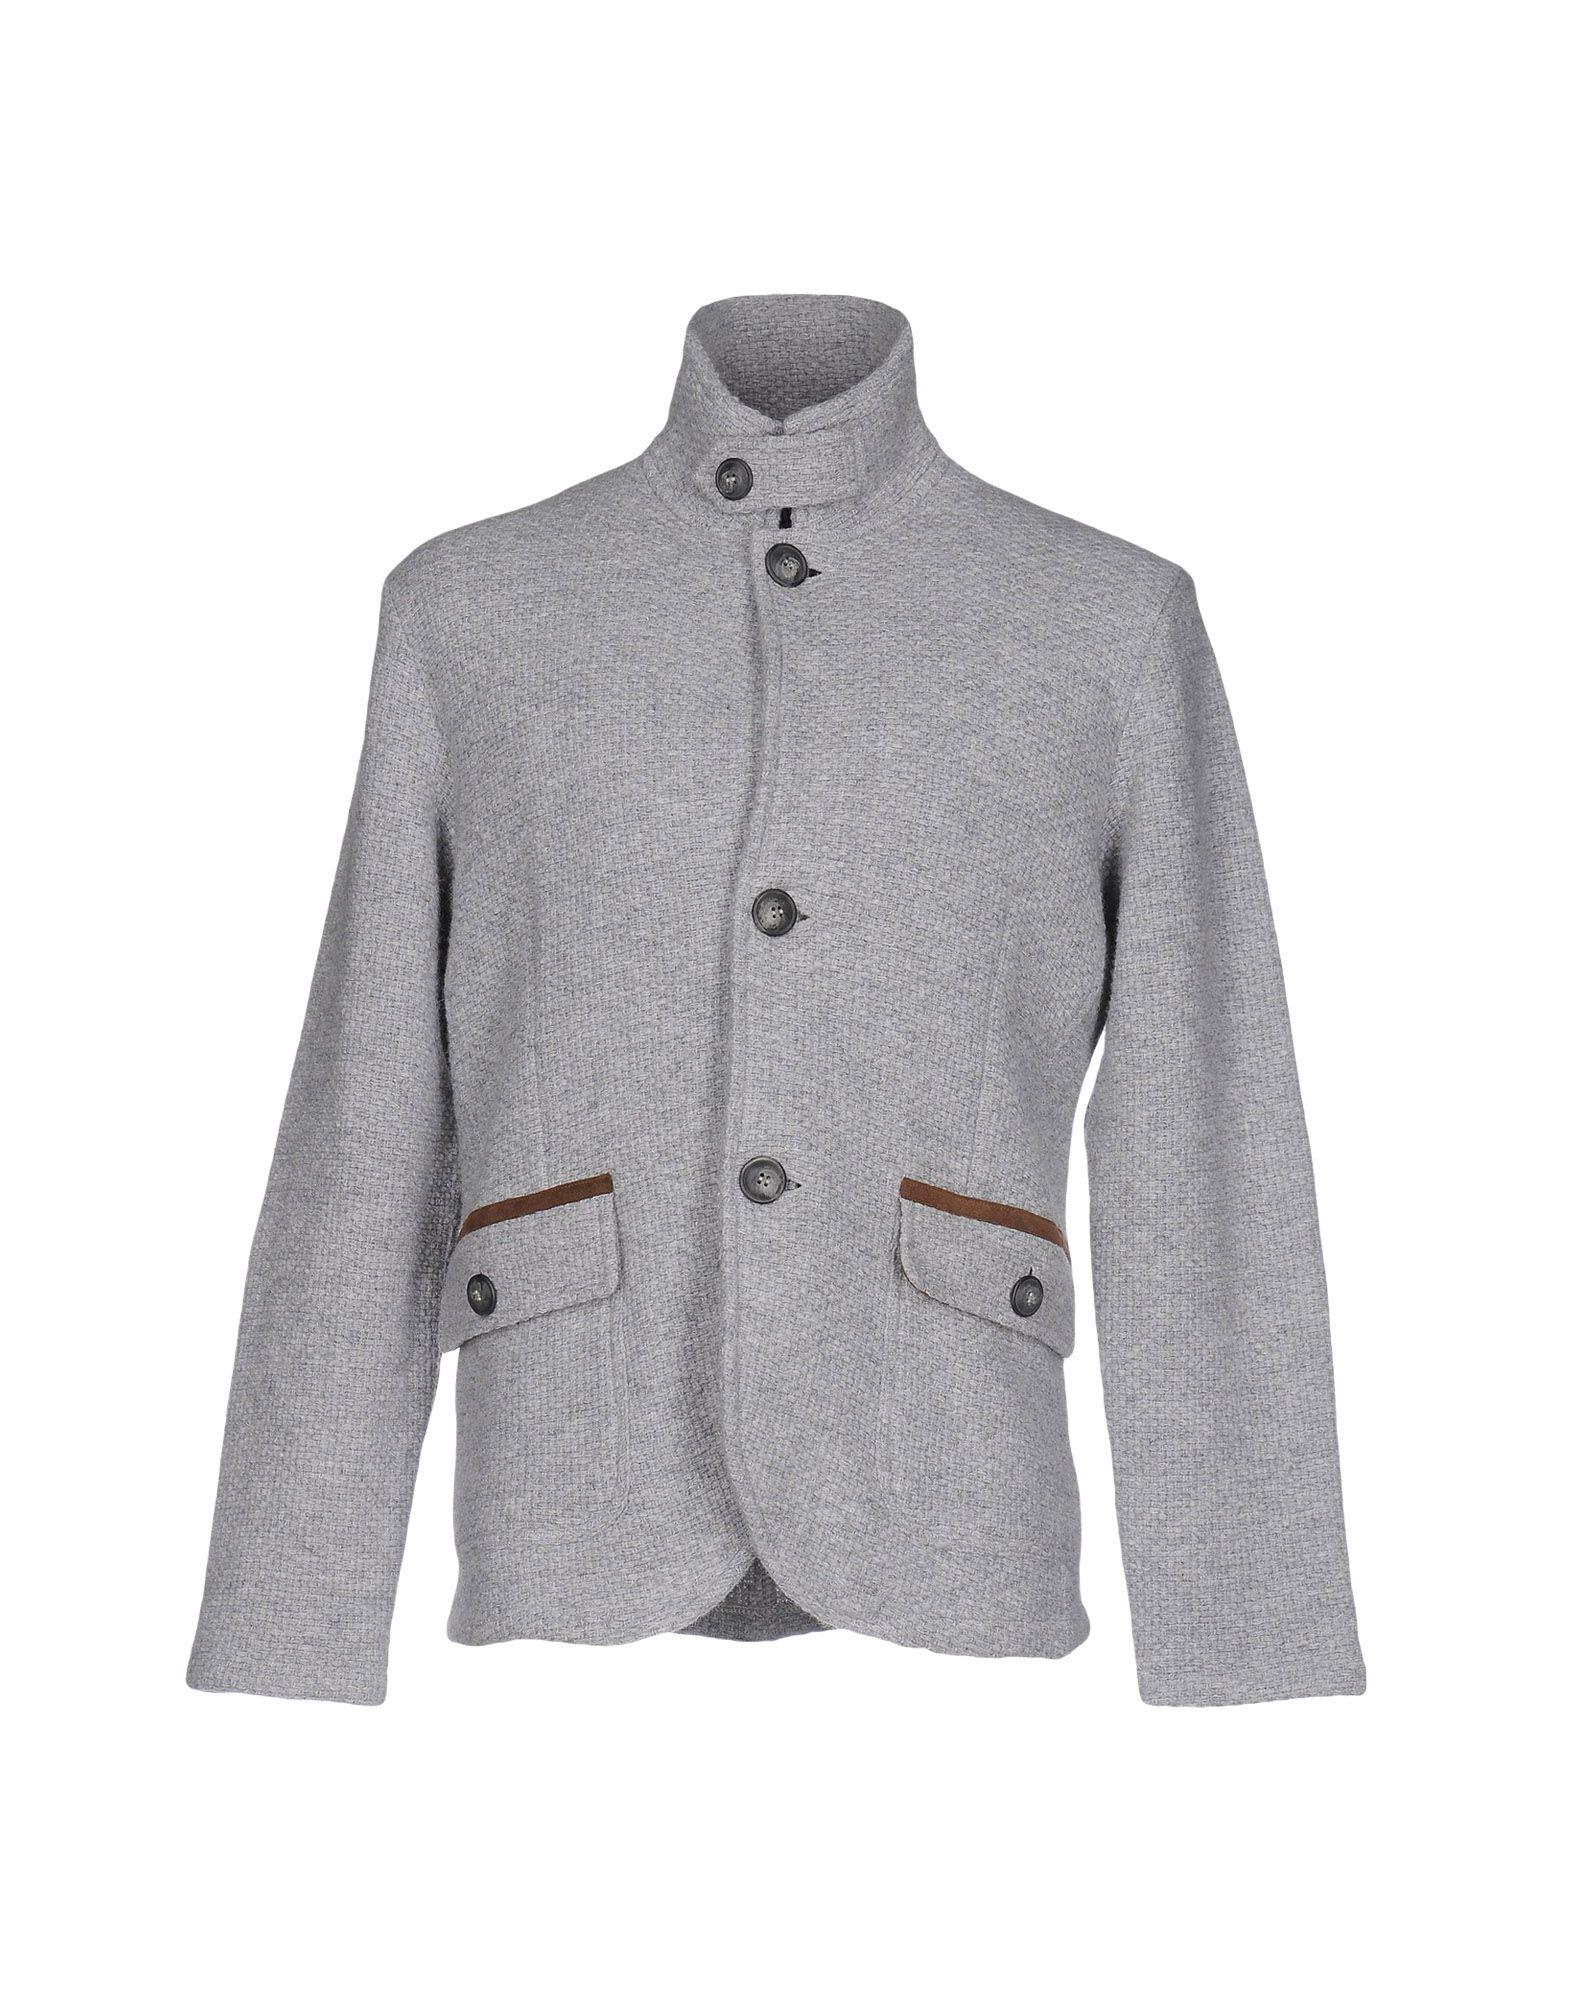 MORGANO Jacket in Light Grey